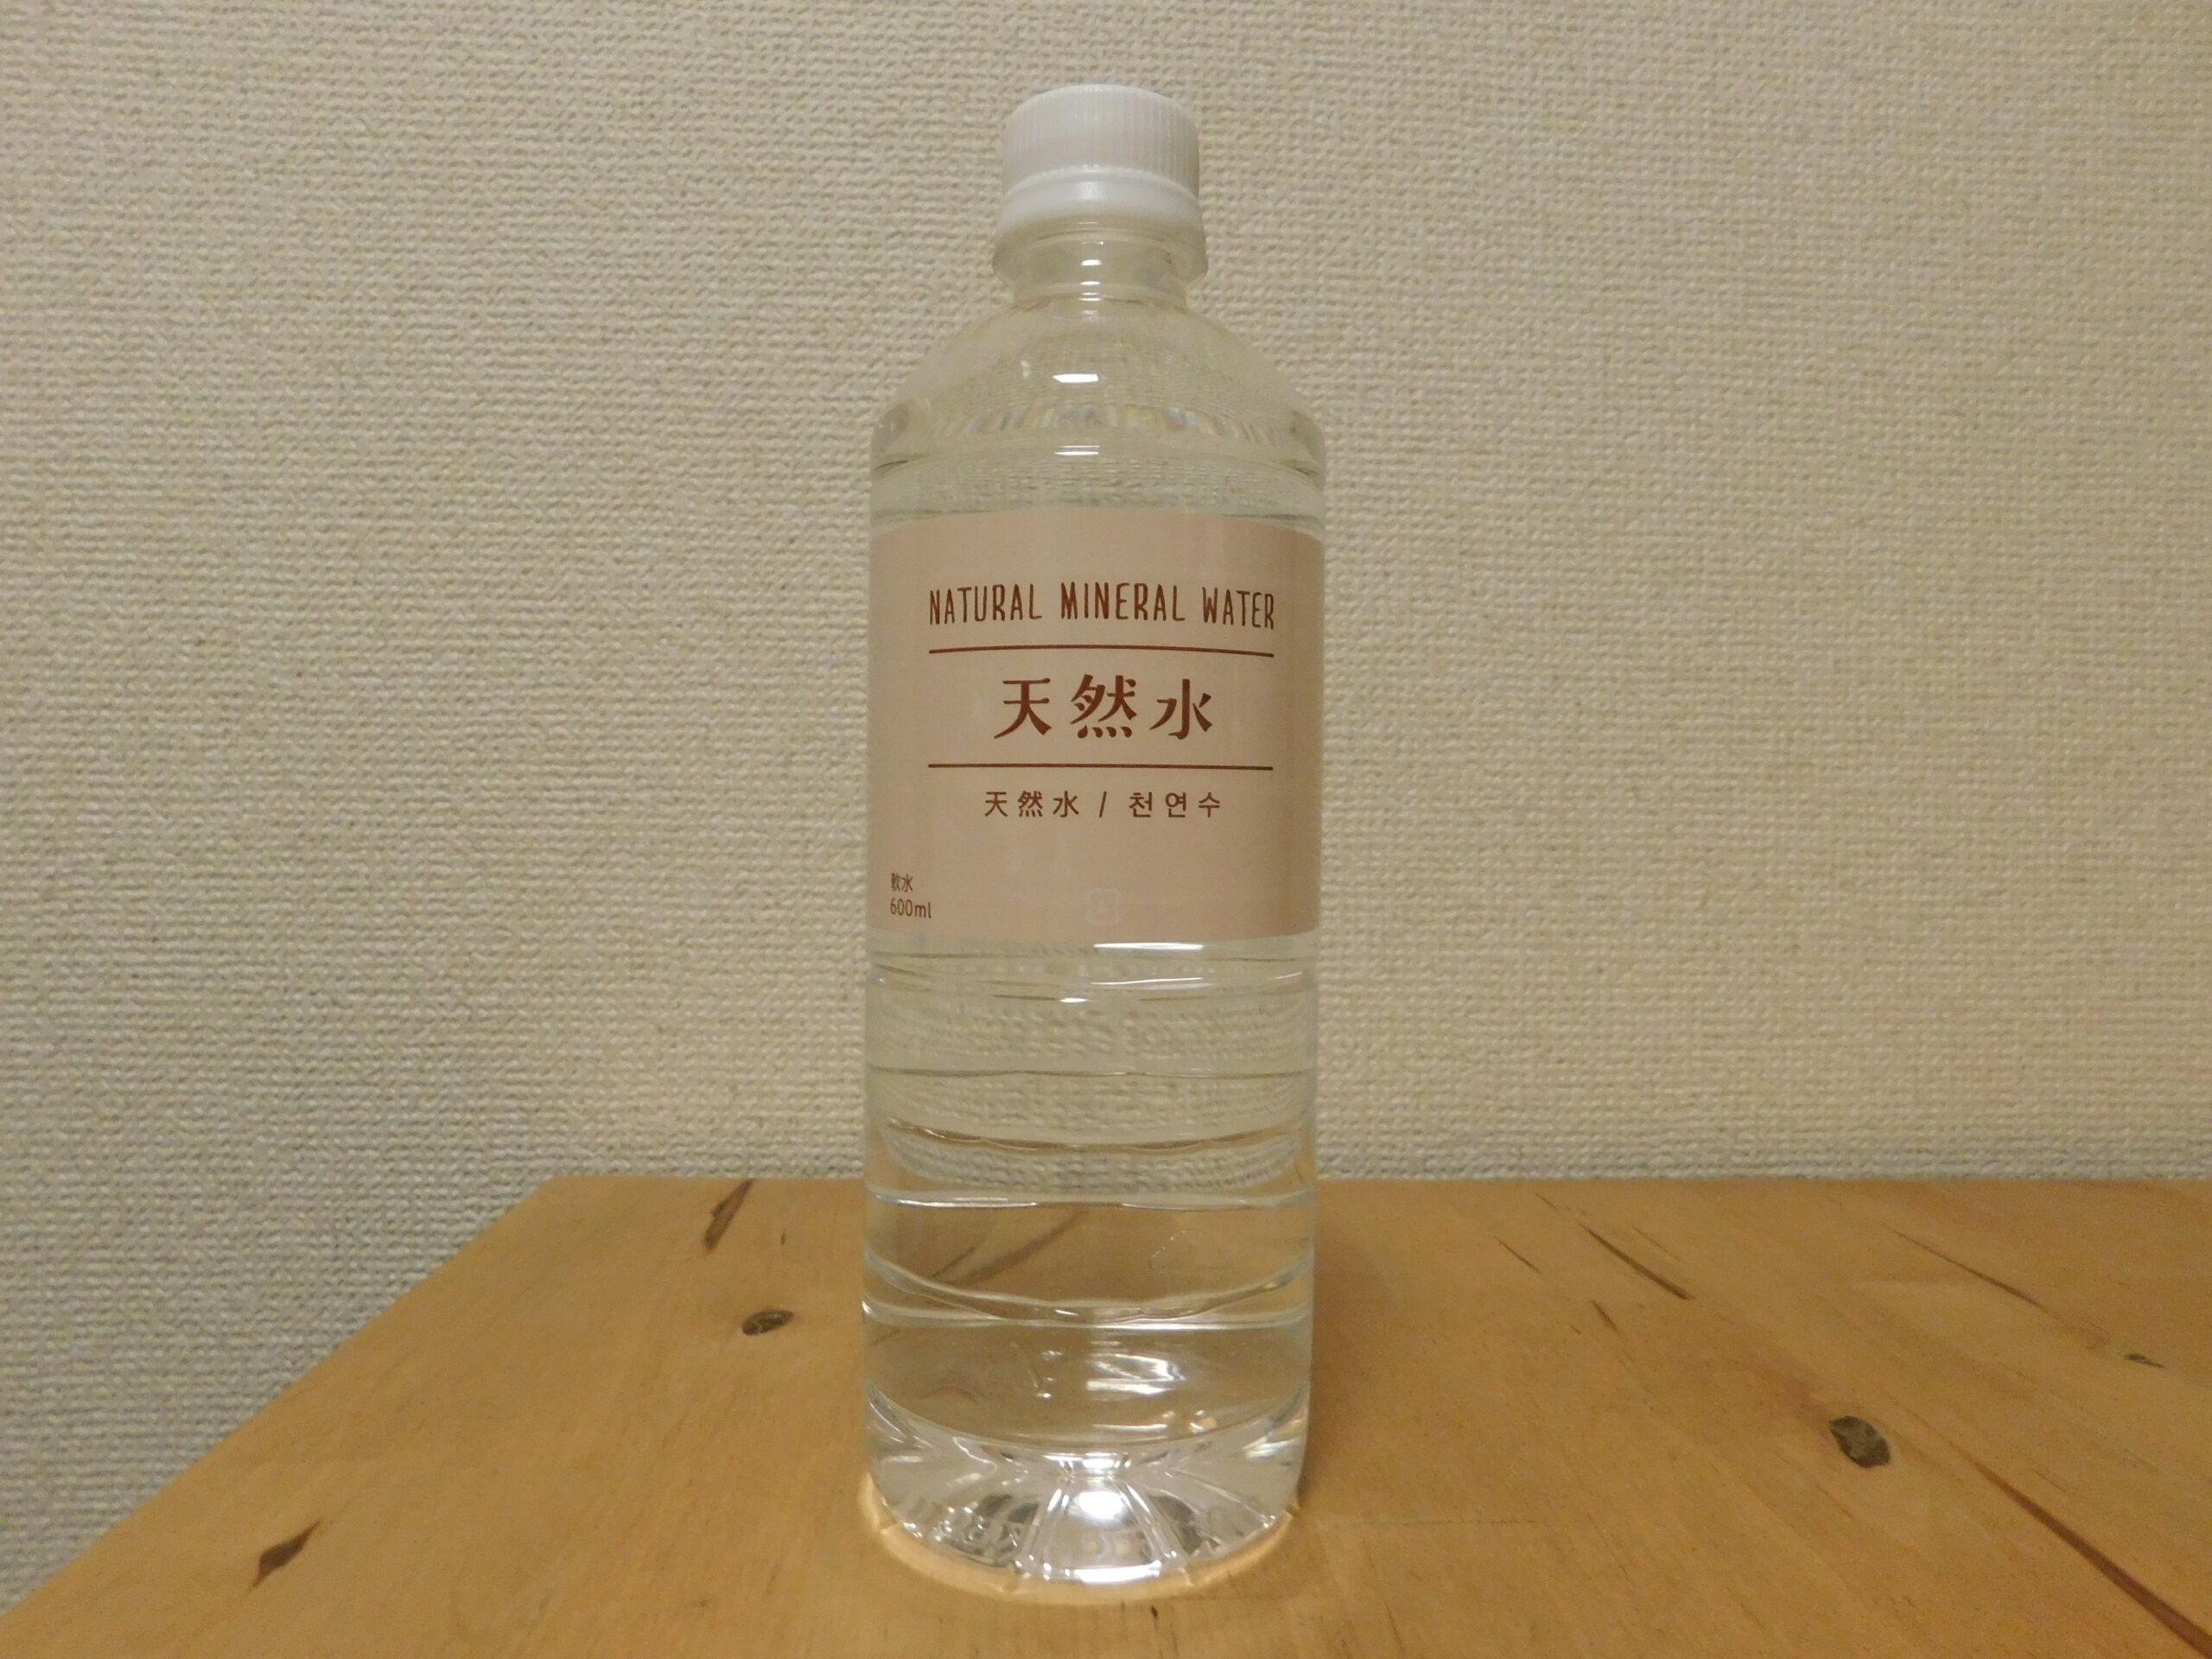 ローソン 松本市 ミネラルウォーター 天然水